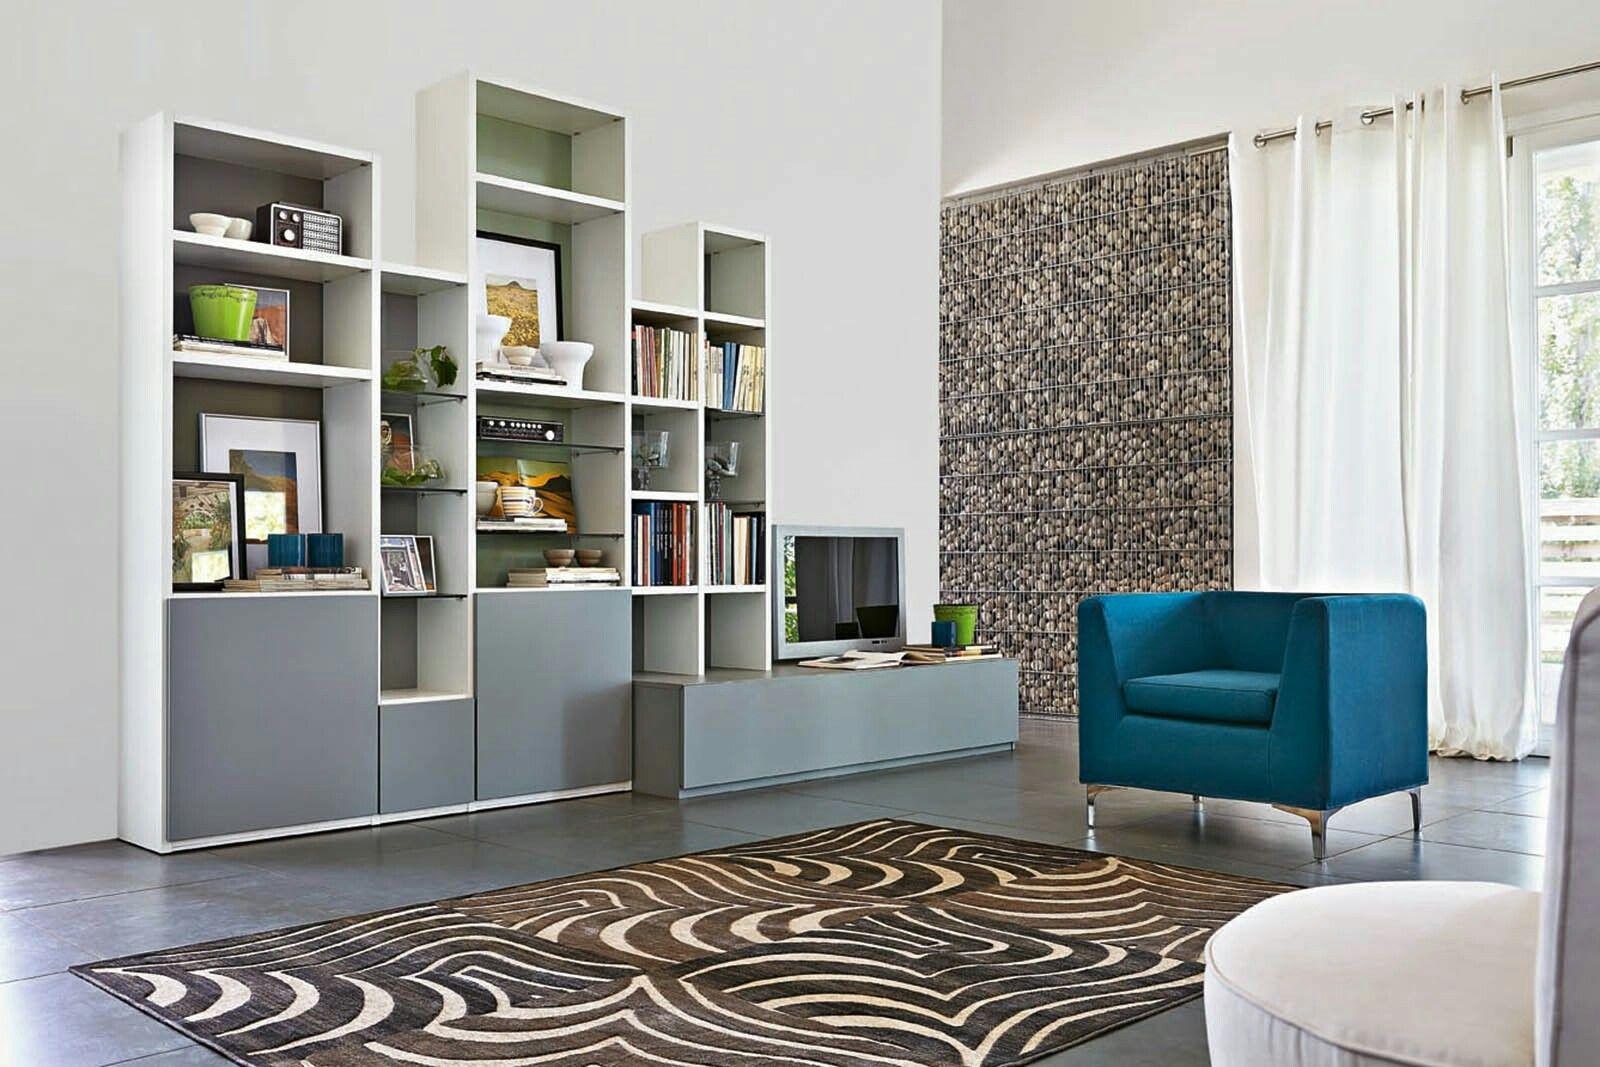 Tappeto soggiorno moderno Ikea Case mobili, Home staging